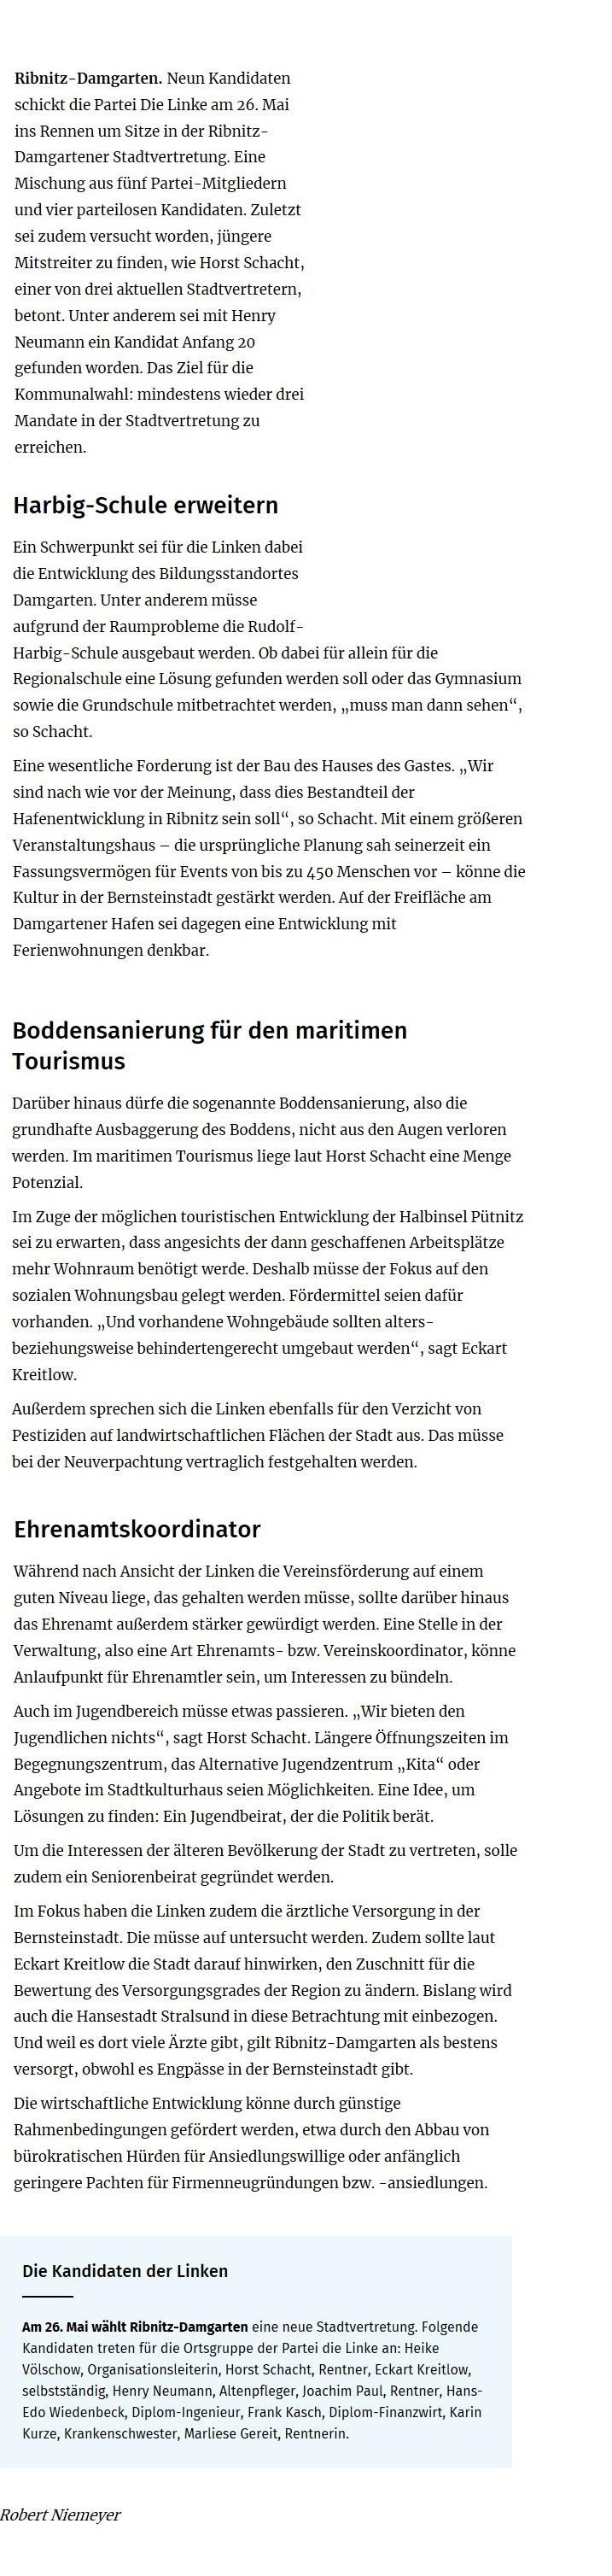 Ostsee-Zeitung-Beitrag vom 13. Mai 2019 / Kommunalwahl 2019 in  Ribnitz-Damgarten, Landkreis Vorpommern-Rügen  /  Kommunalwahl 2019 - 16:12 Uhr  /  13.05.2019 / Die Linke hält an Haus des Gastes fest